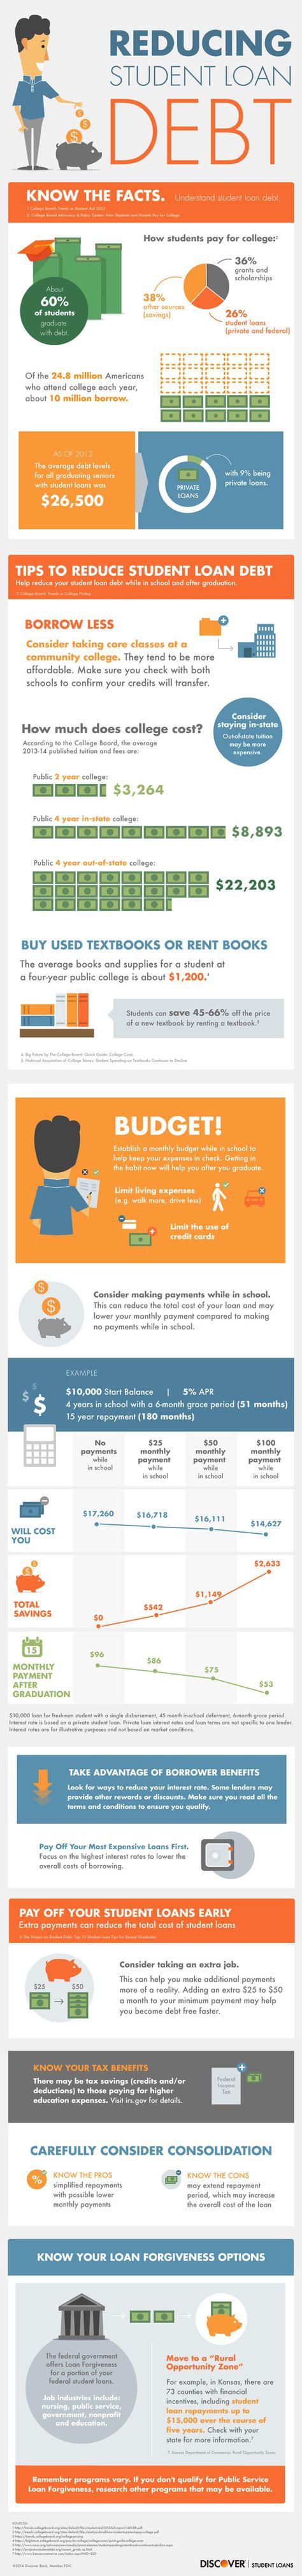 Reducing Student Loan Debt   #infographic #StudentLoan #Debt #College